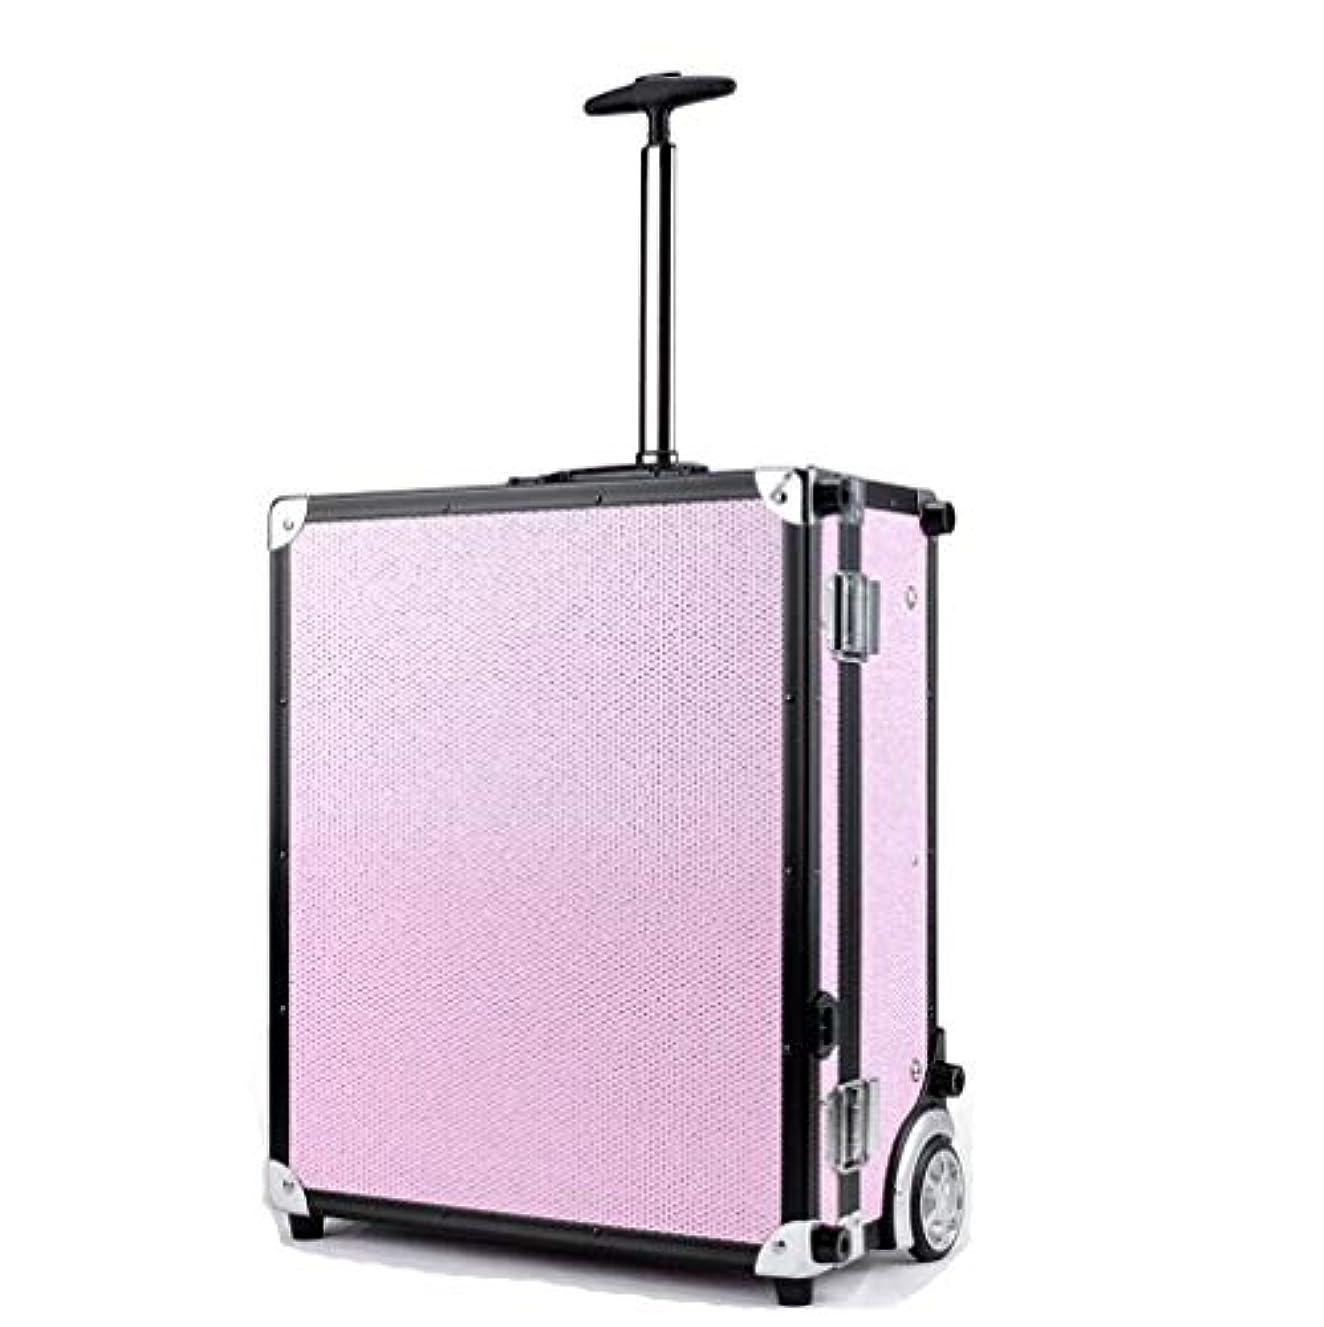 突破口抵当ちょっと待ってBUMC 化粧トロリーケース、大きい化粧化粧列車、LEDライト付き、ダイヤモンドオーガナイザーボックス収納付きプロフェッショナル多層化粧品ケース